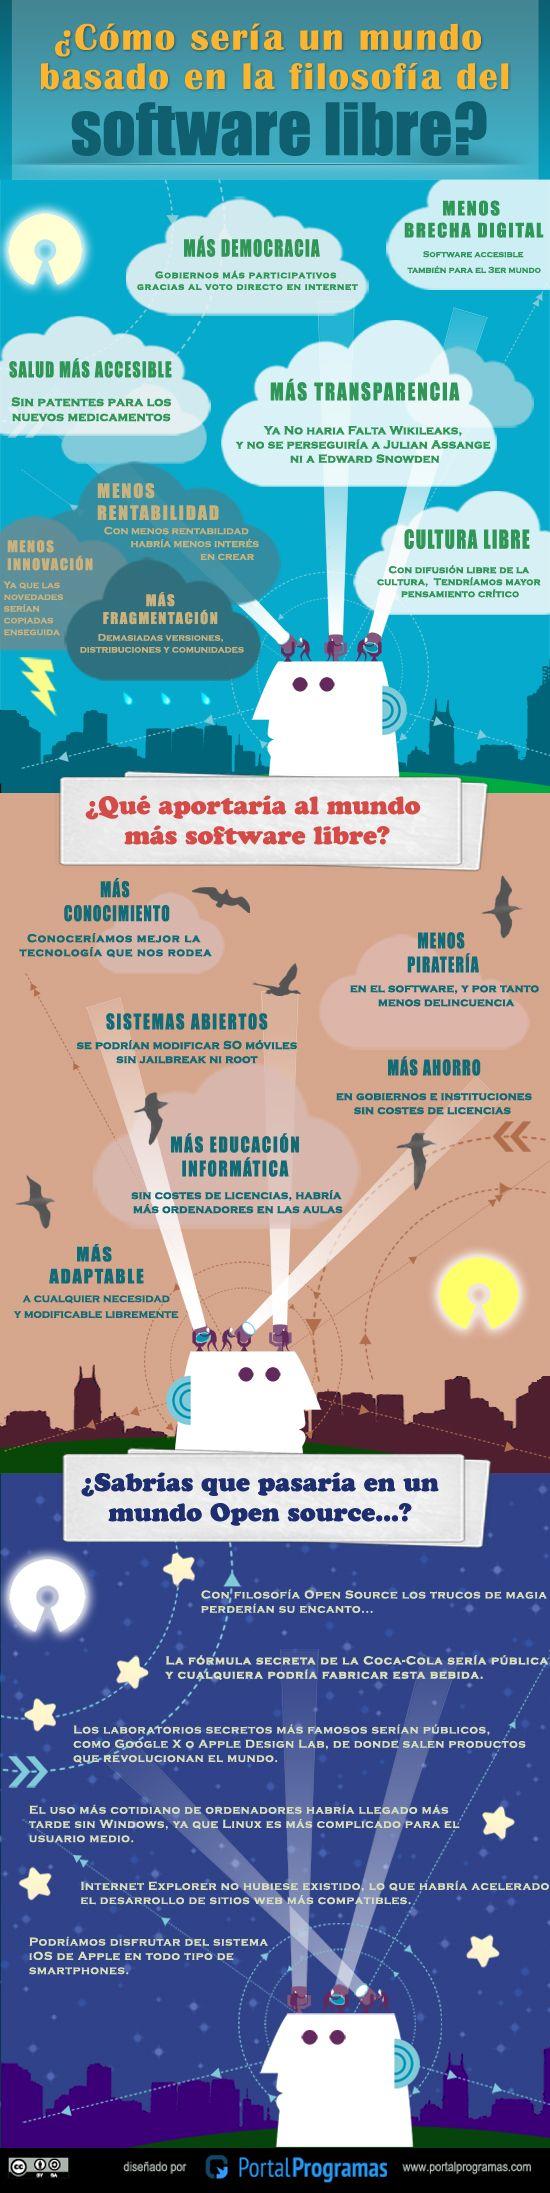 El Mundo Según La Filosofía Del Software Libre Infografia Infographic Software Libre Software Marketing De Contenidos